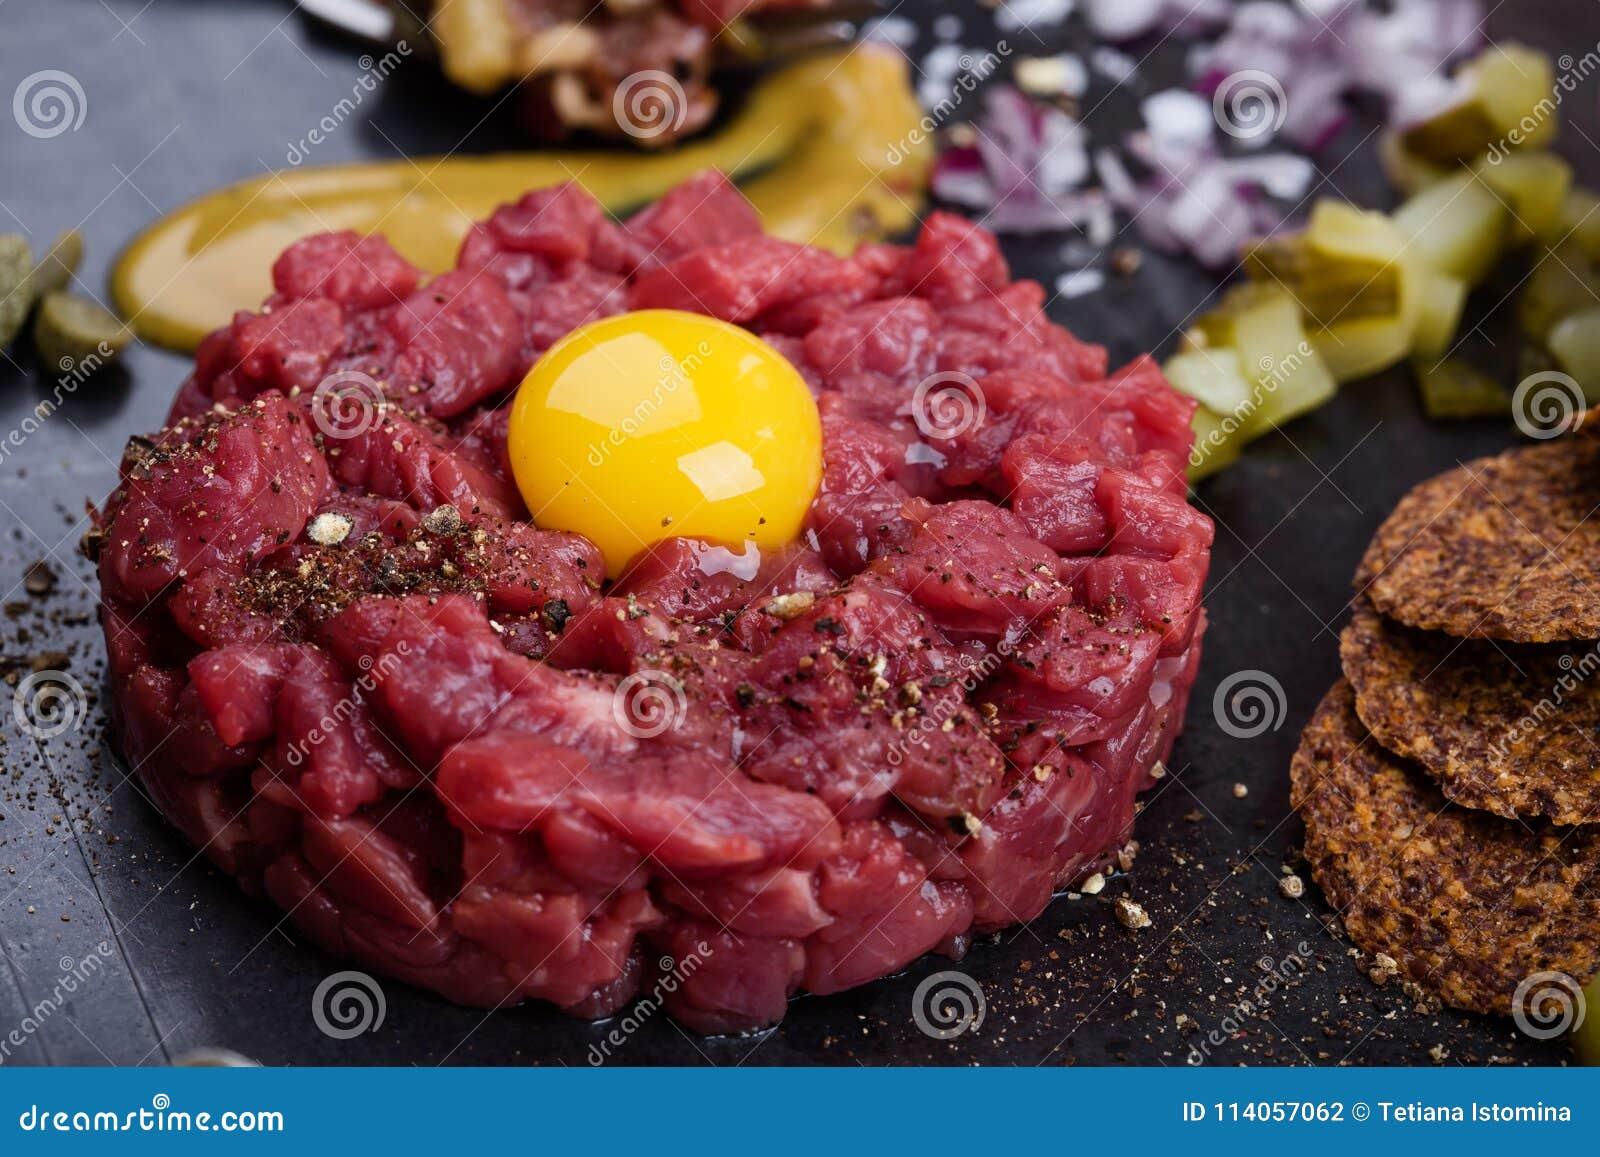 碎牛肉洋葱鸡蛋混合菜,食家纤巧生肉起始者